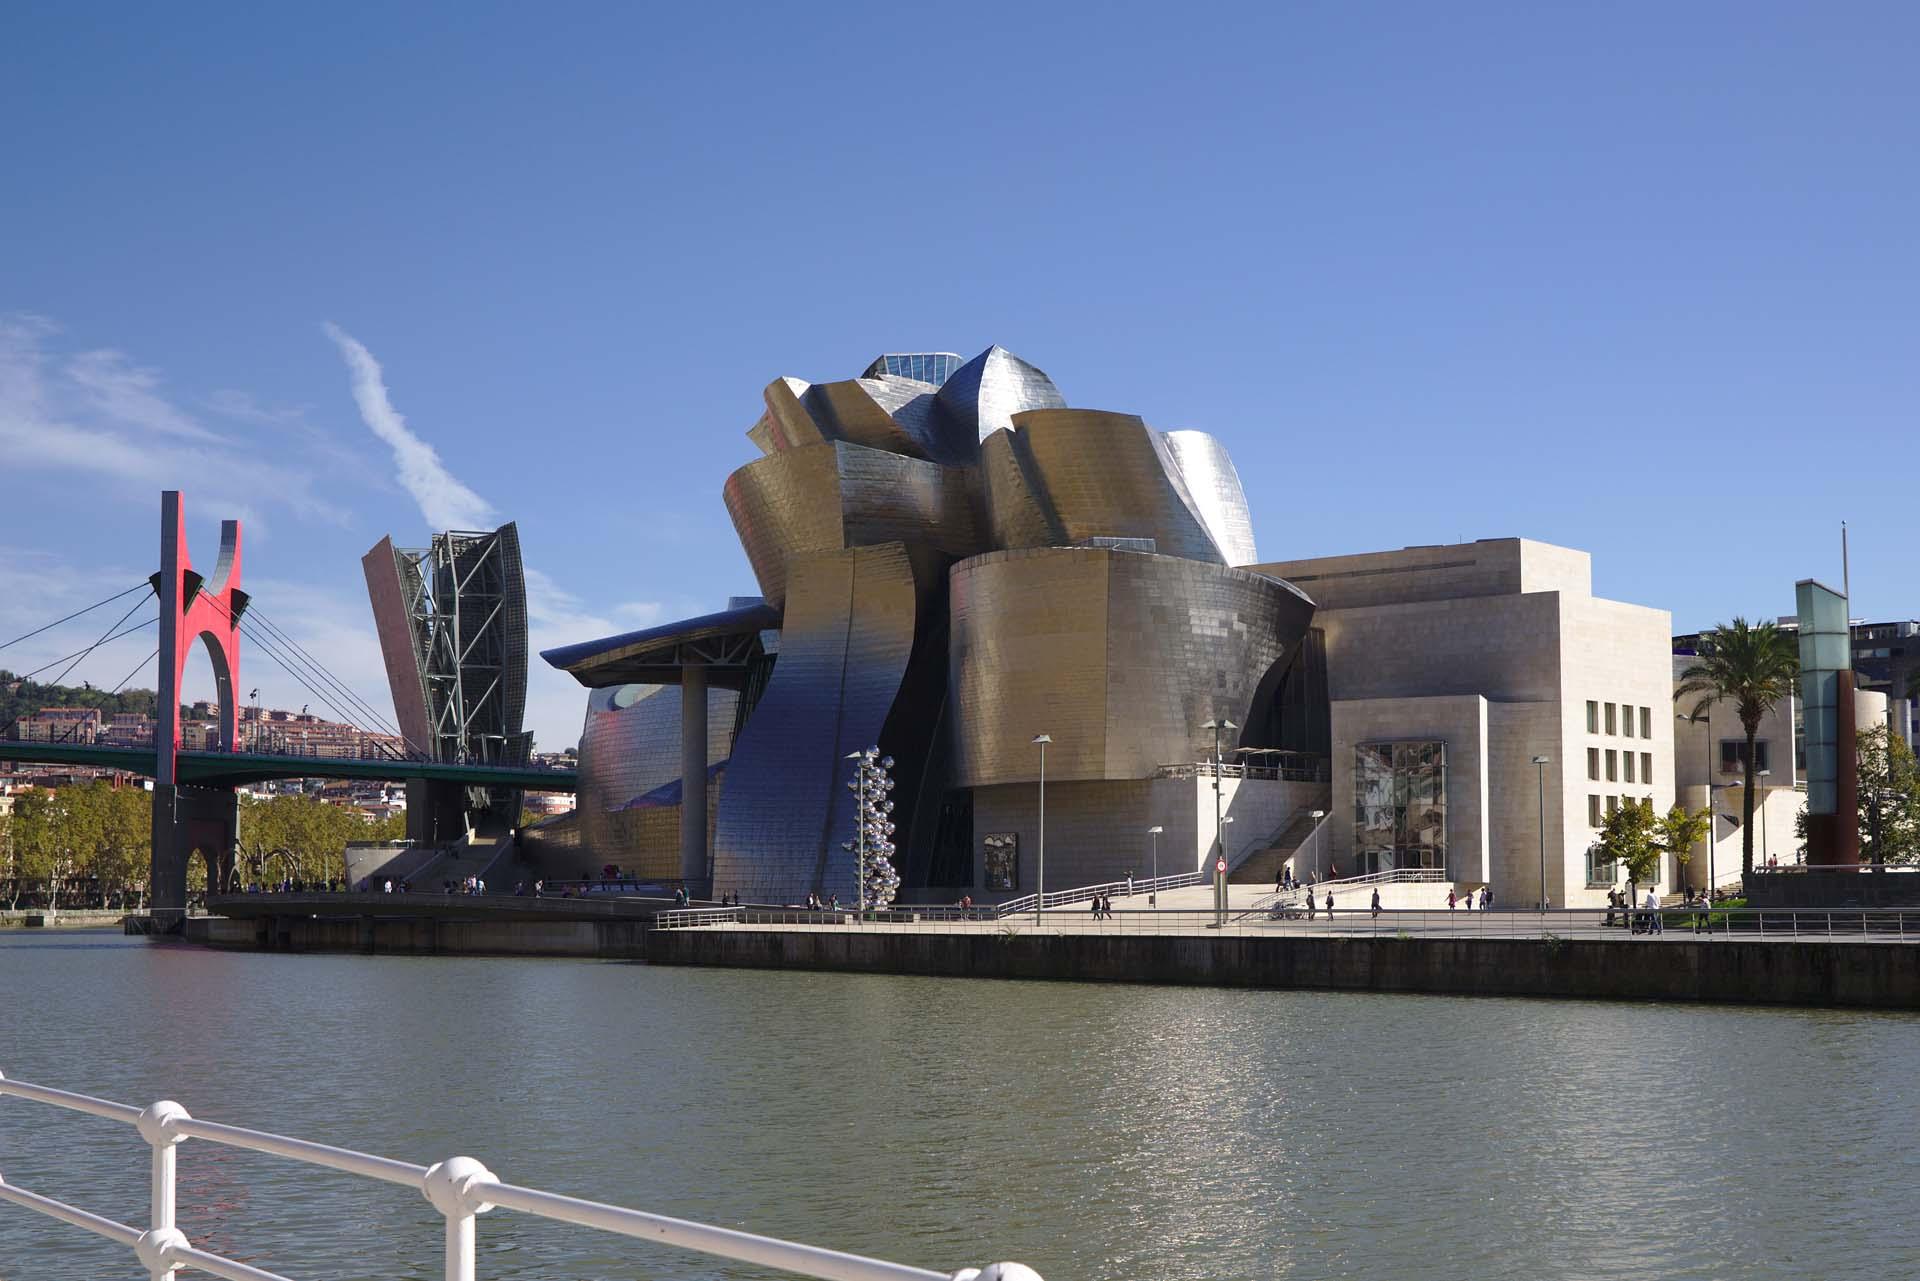 西班牙畢爾包古根漢美術館(Guggenheim Museum Bilbao)